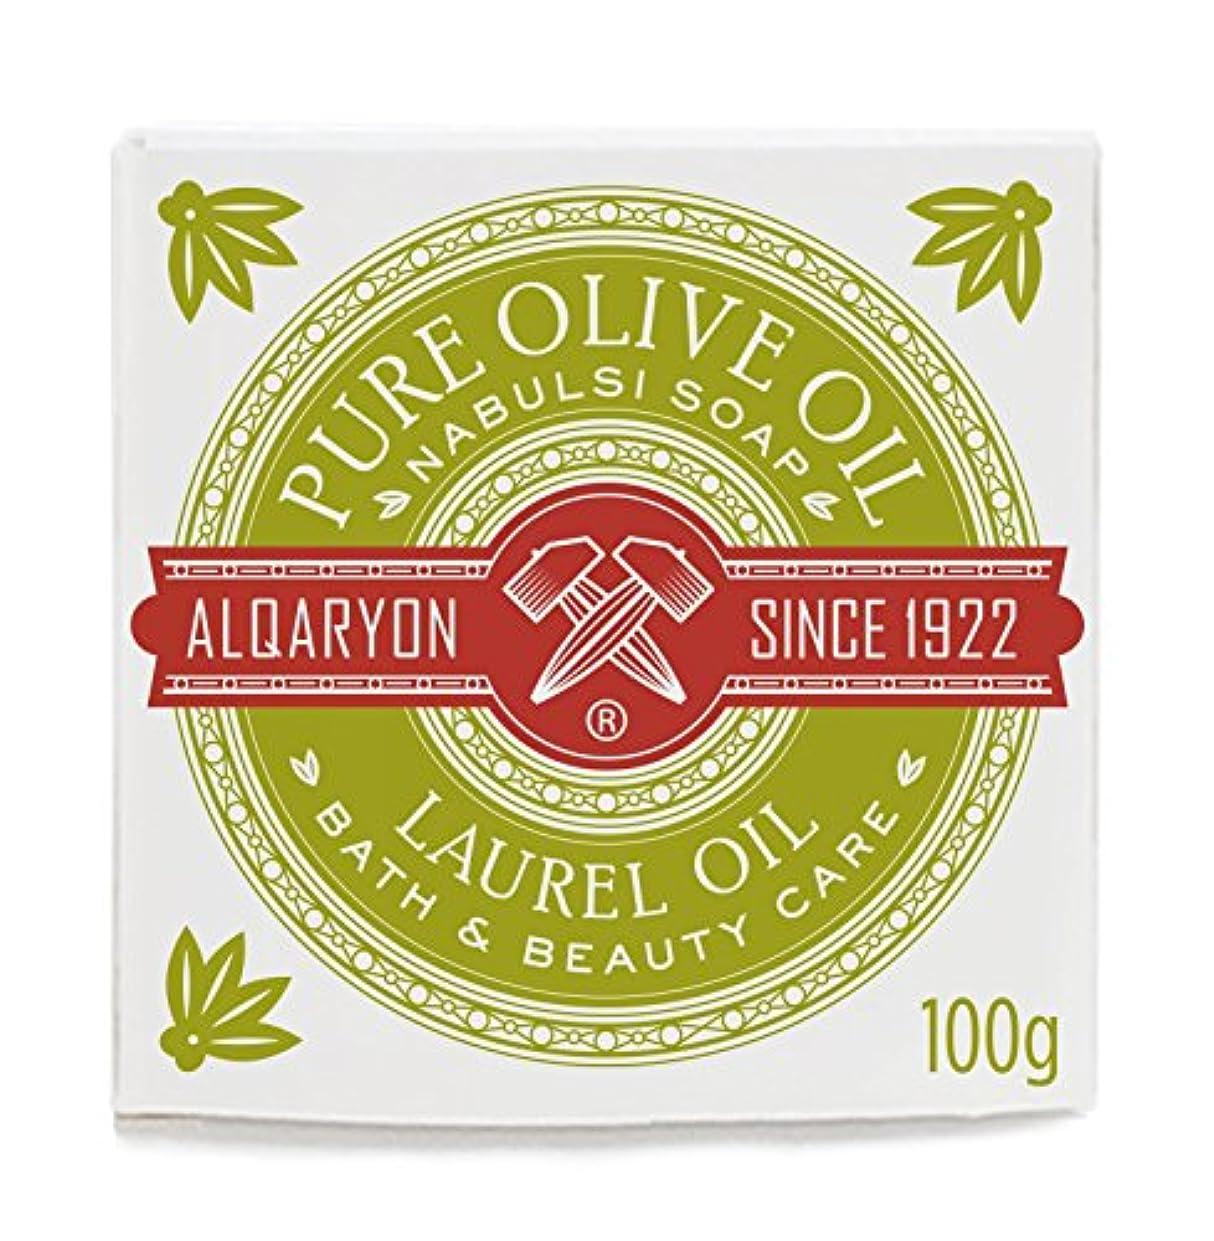 探検起業家不安Alqaryon Laurel Oil & Olive Oil Bar Soap Pack of 4 - AlqaryonのローレルオイルI&オリーブオイル ソープ、バス & ビューティー ケア、100gの石鹸4個のパック